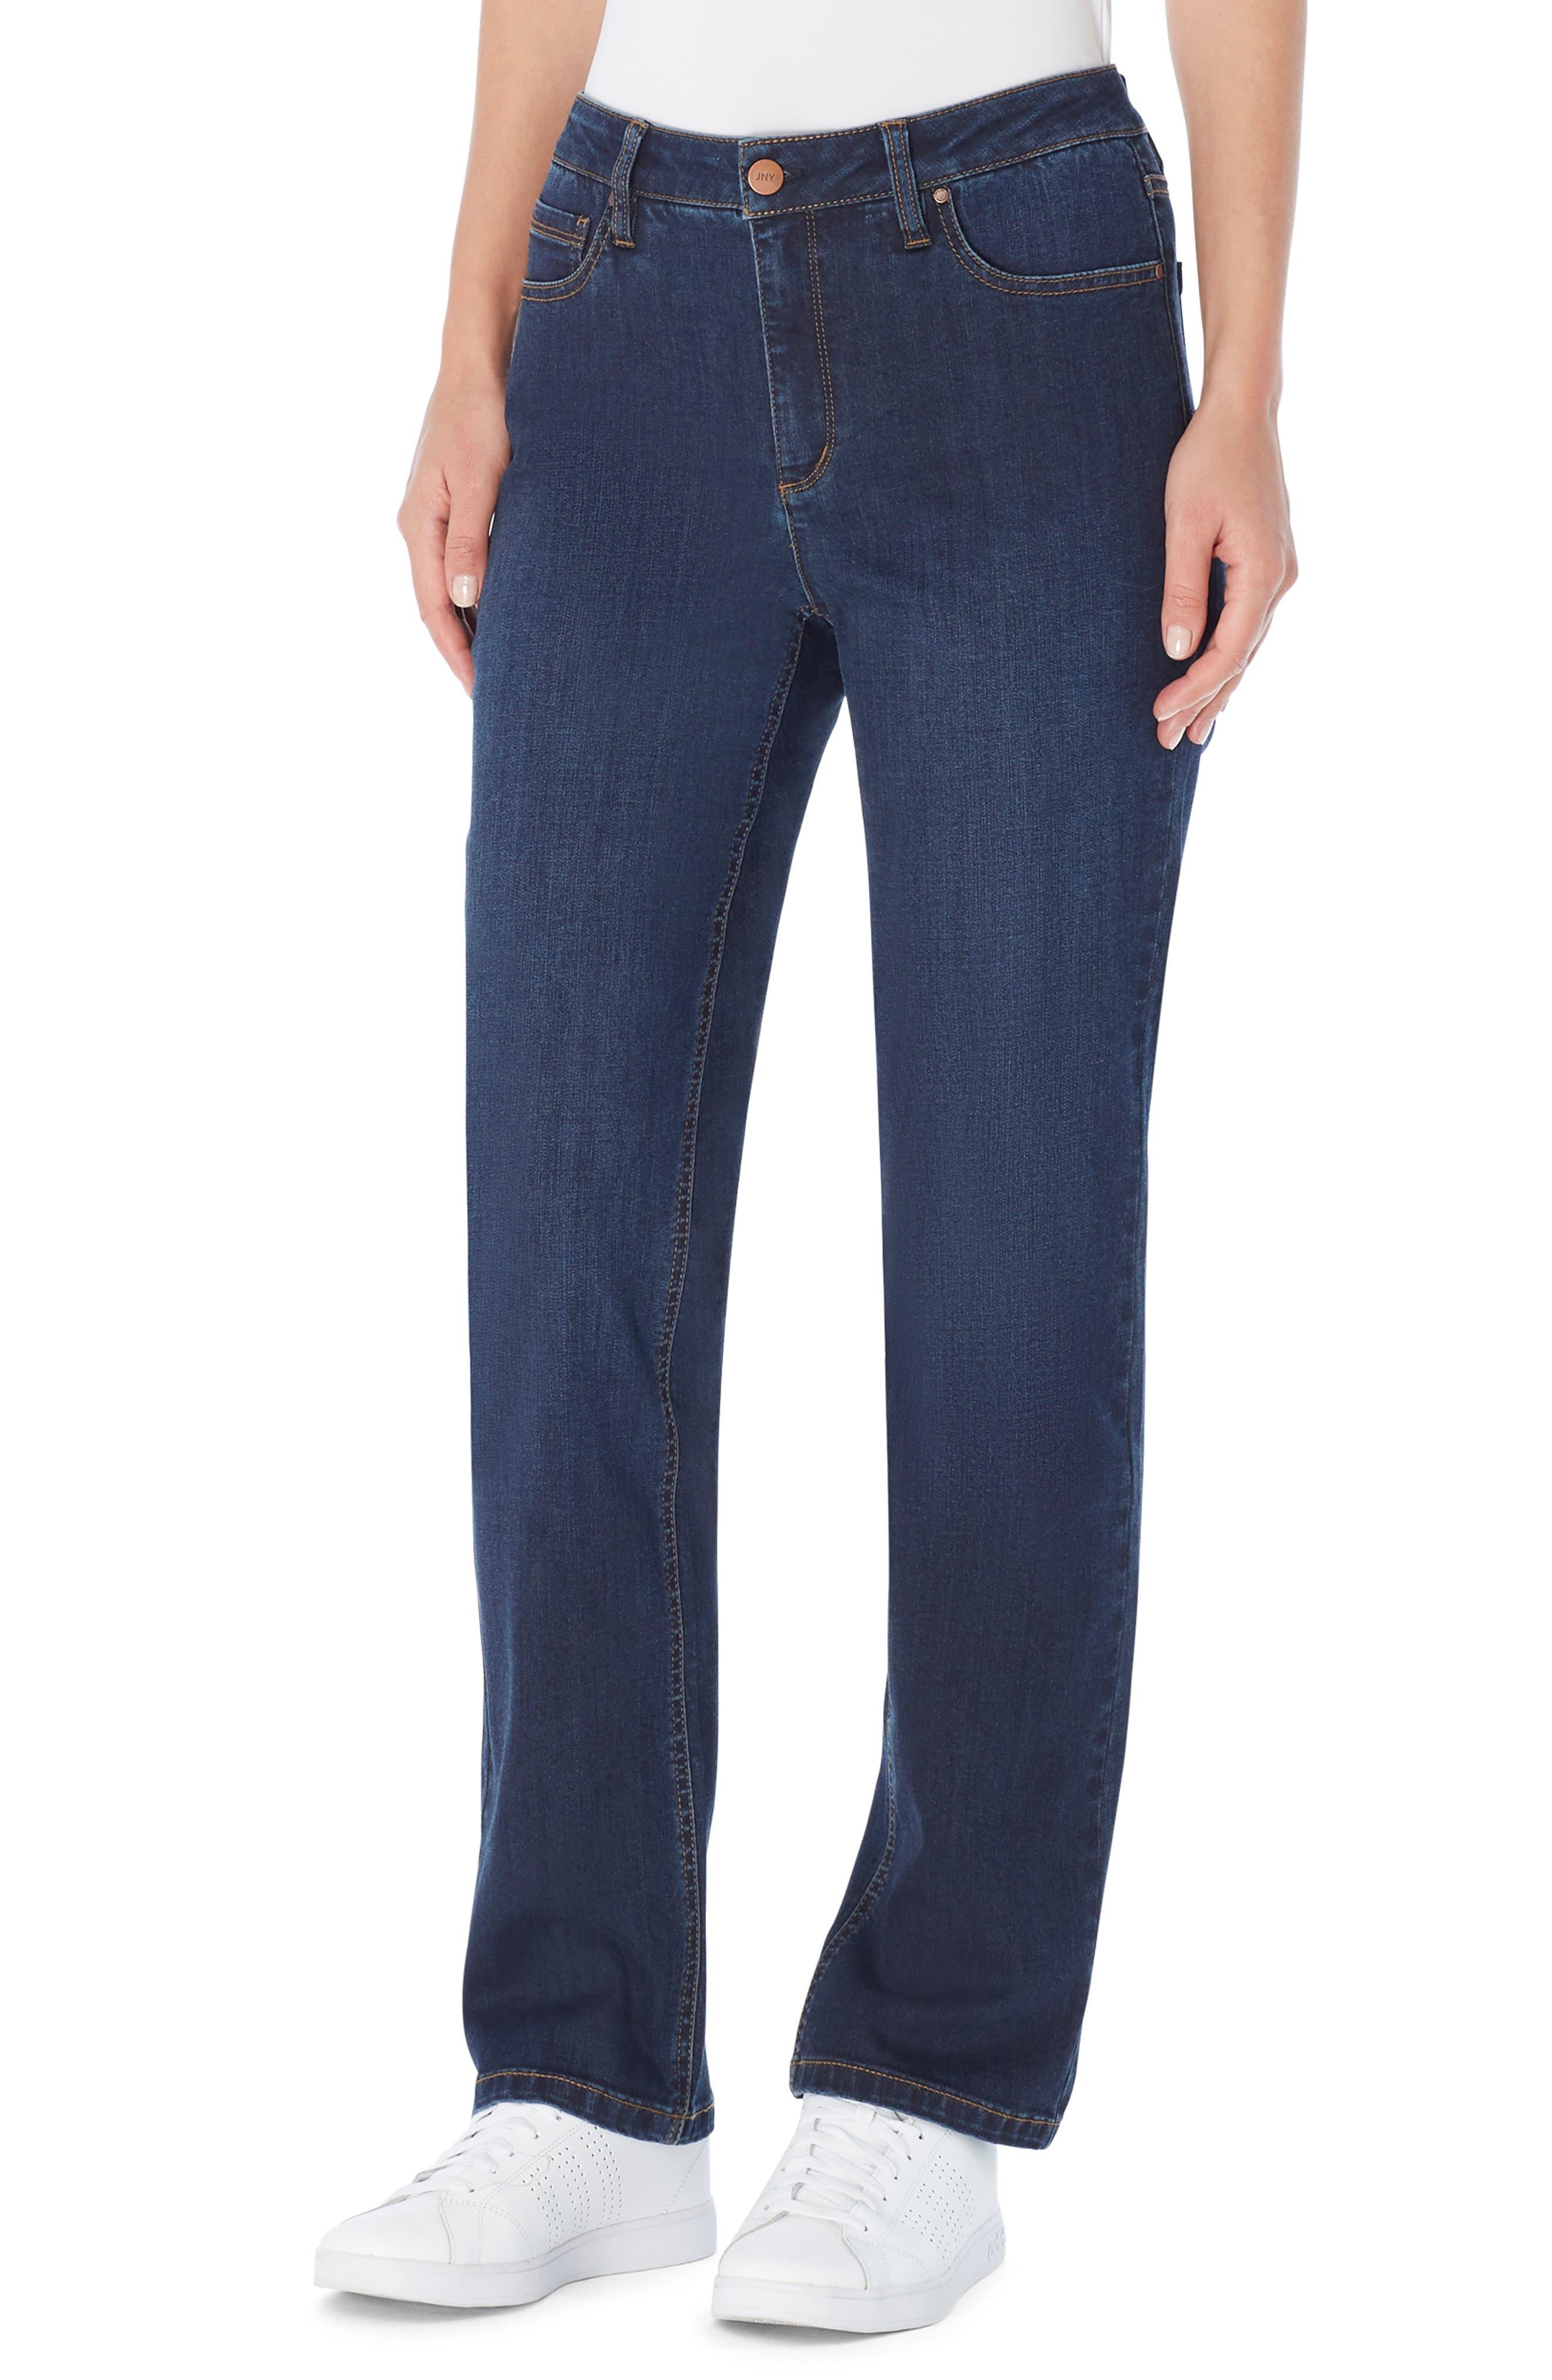 Lexington Bootcut Jeans